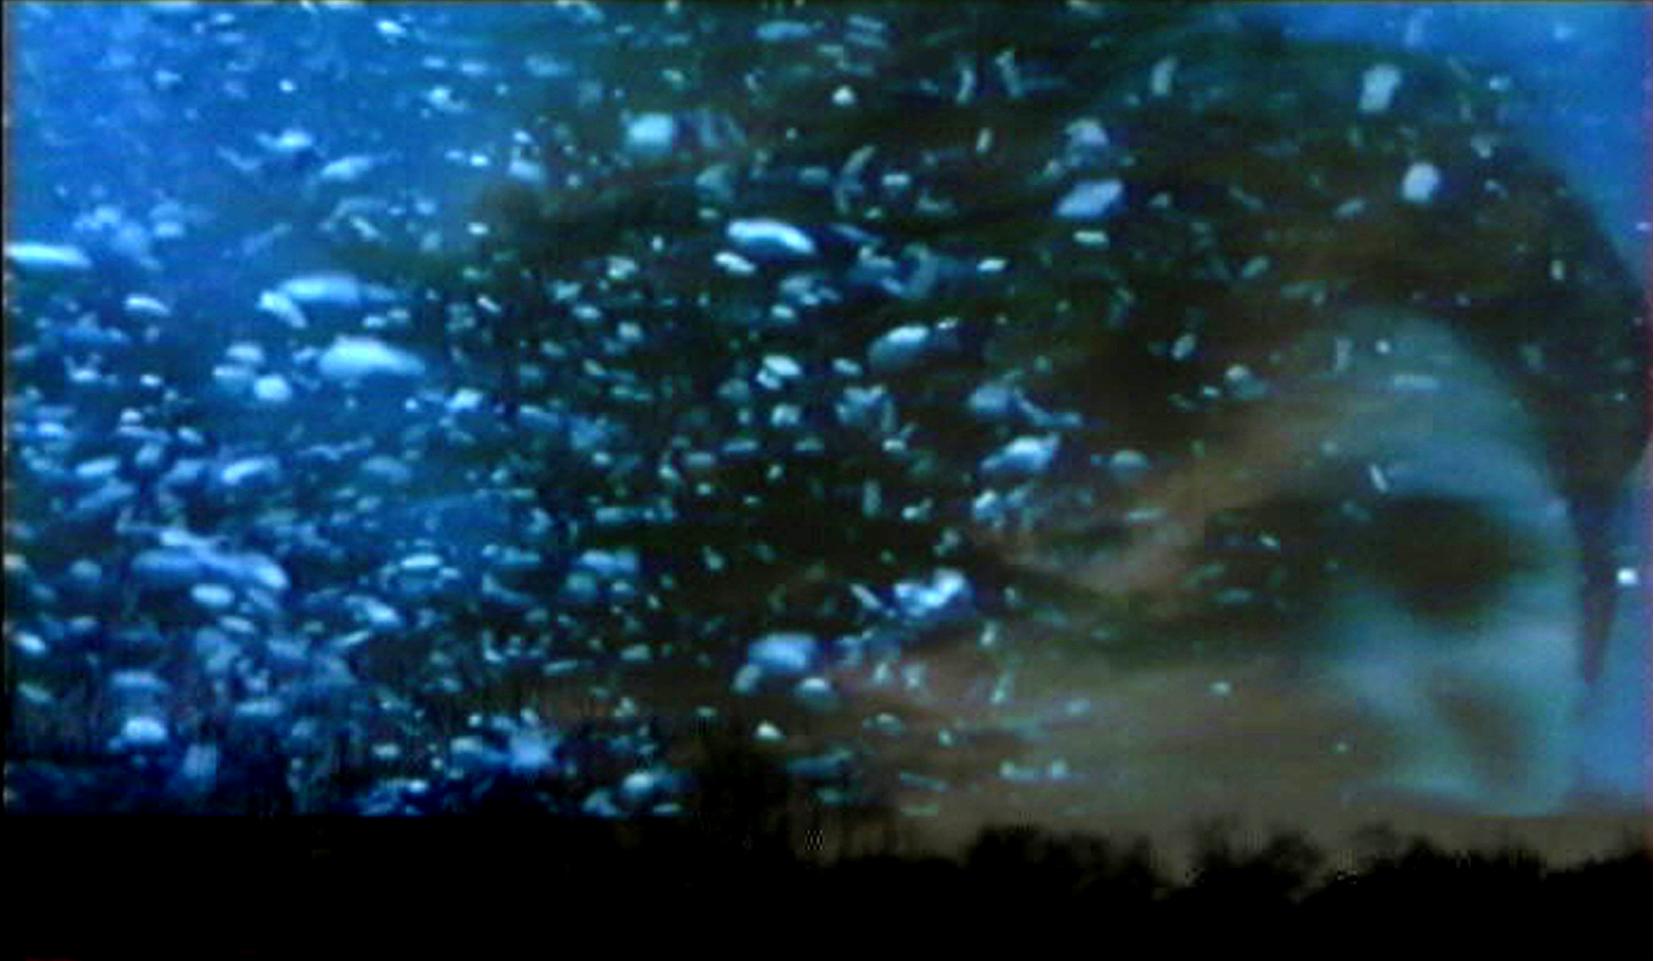 Rêve (Dream), 2001, 3mn, Couleur, sonore, Color/sound, Vidéo monobande, Single chanel video